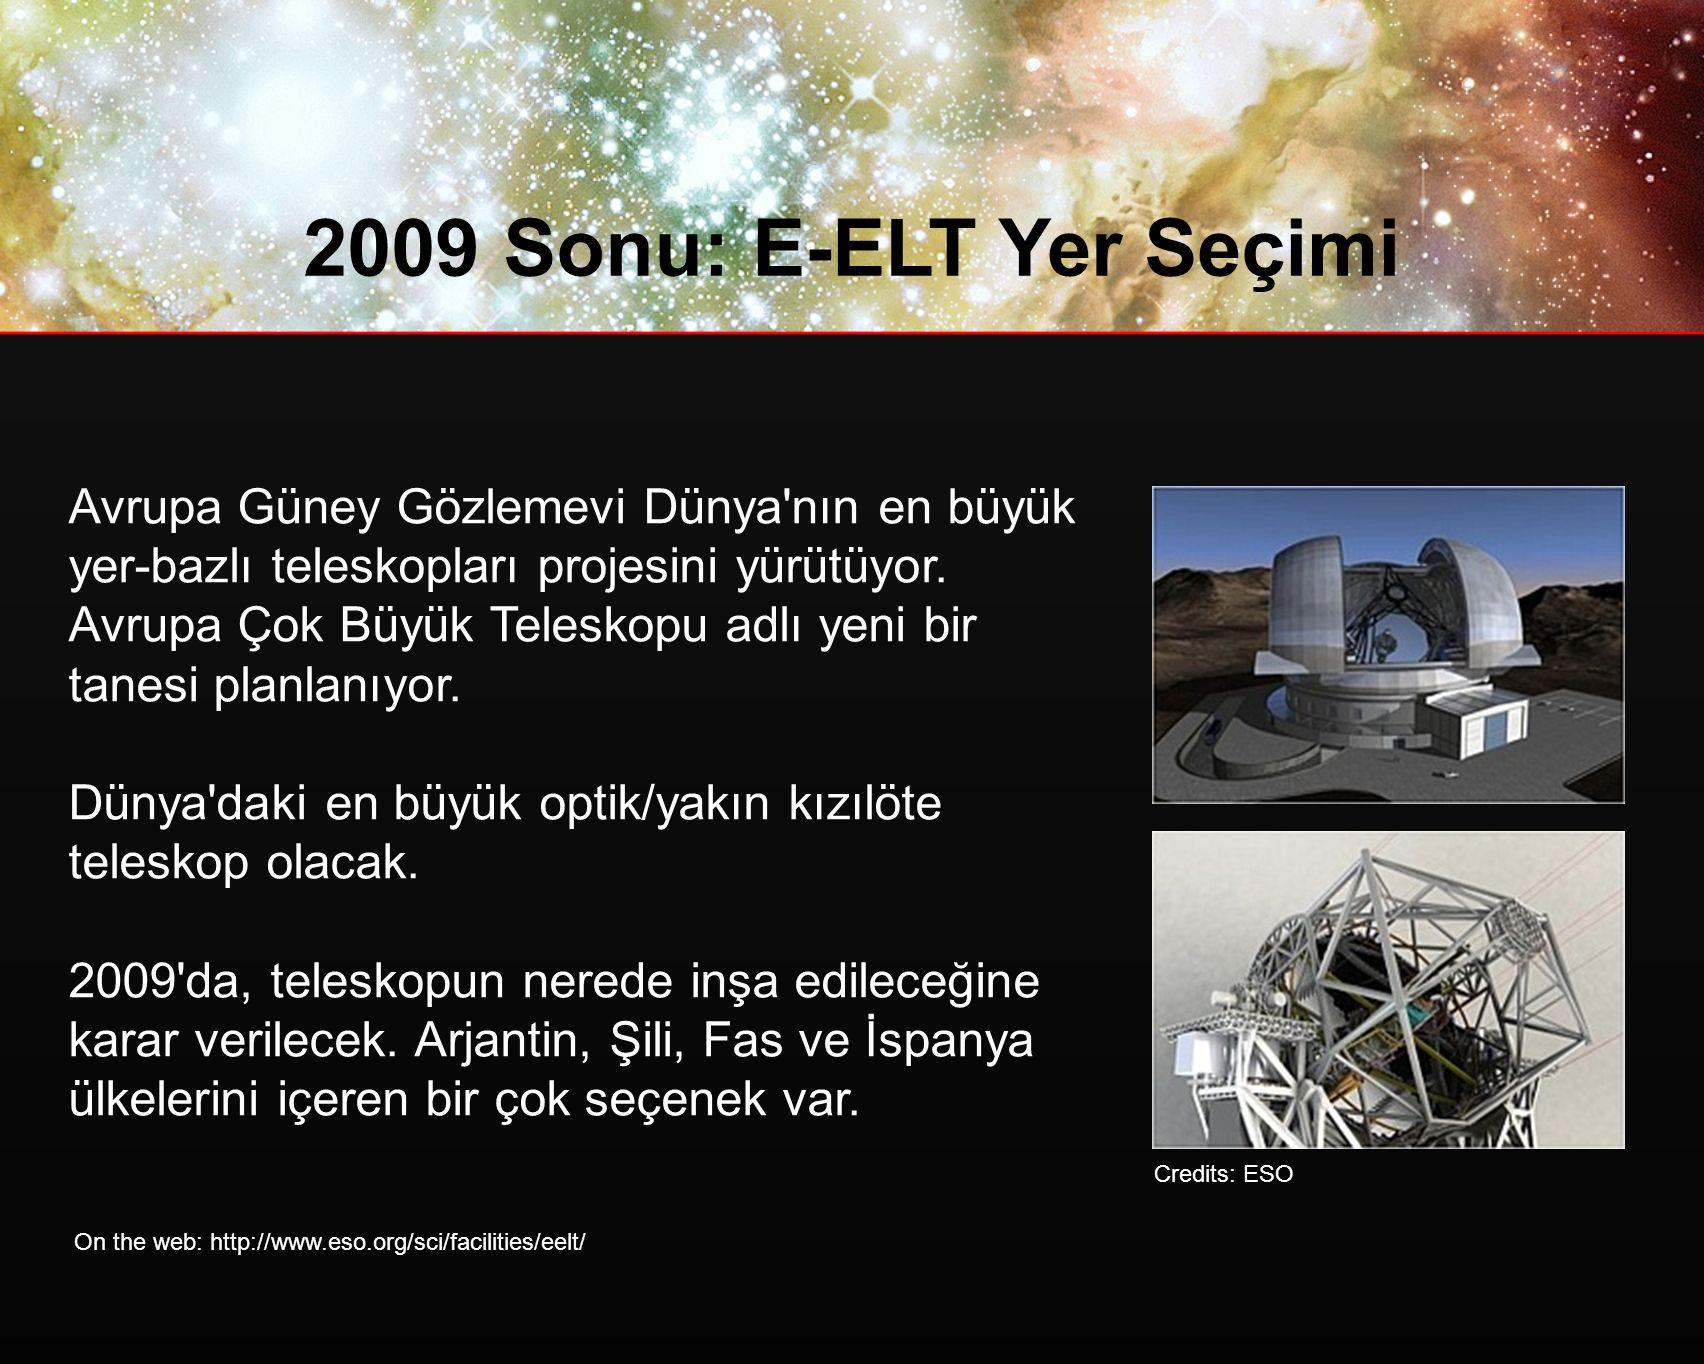 2009 Sonu: E-ELT Yer Seçimi Avrupa Güney Gözlemevi Dünya nın en büyük yer-bazlı teleskopları projesini yürütüyor.